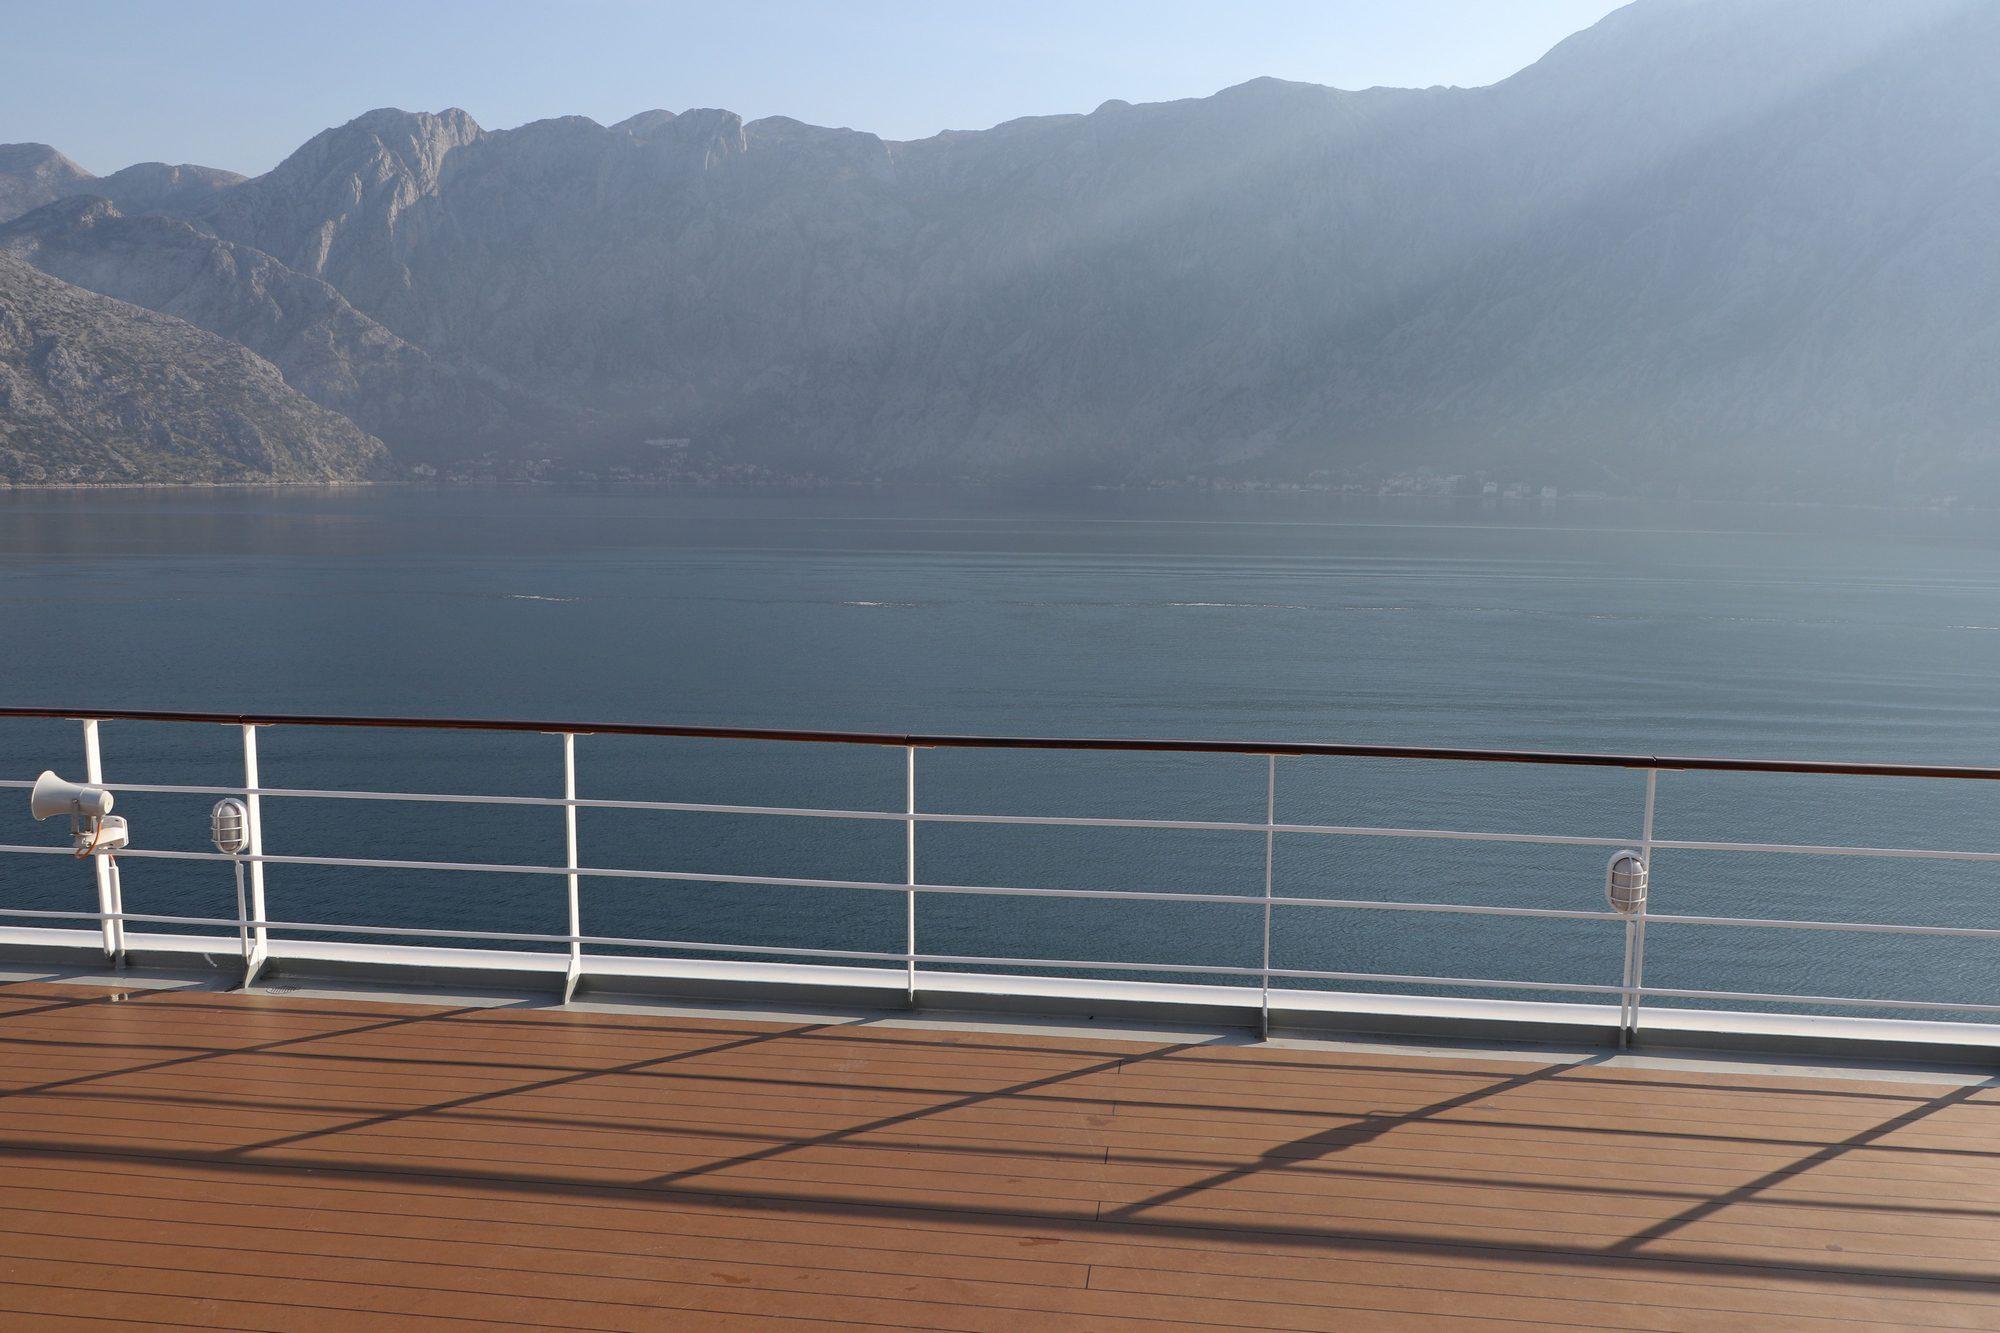 Einfahrt in die Bucht von Kotor in Montenegro